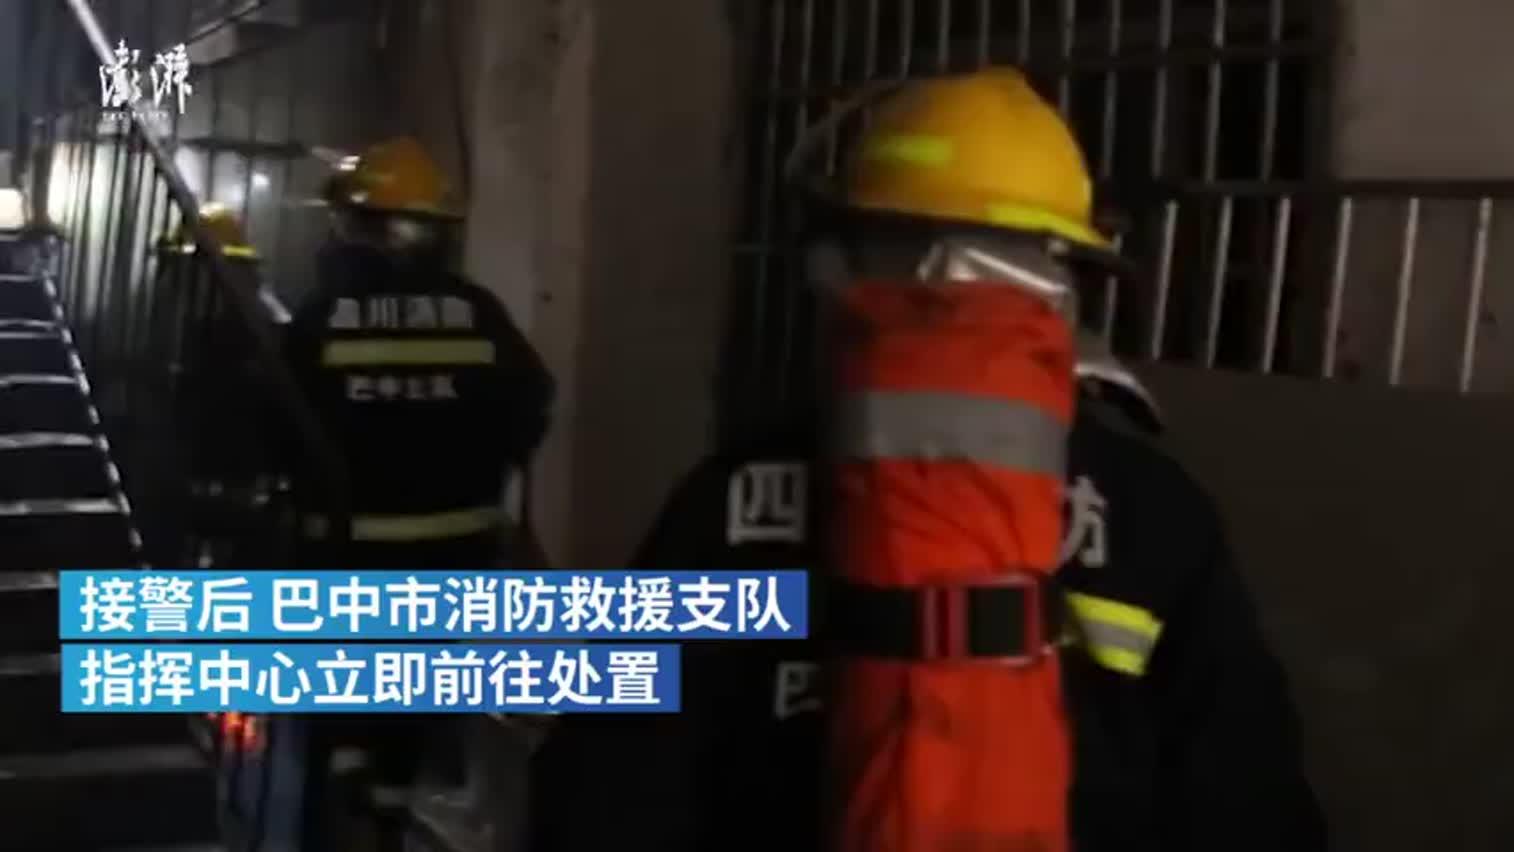 视频-四川巴中一居民楼起火 消防员徒手拎出燃烧煤